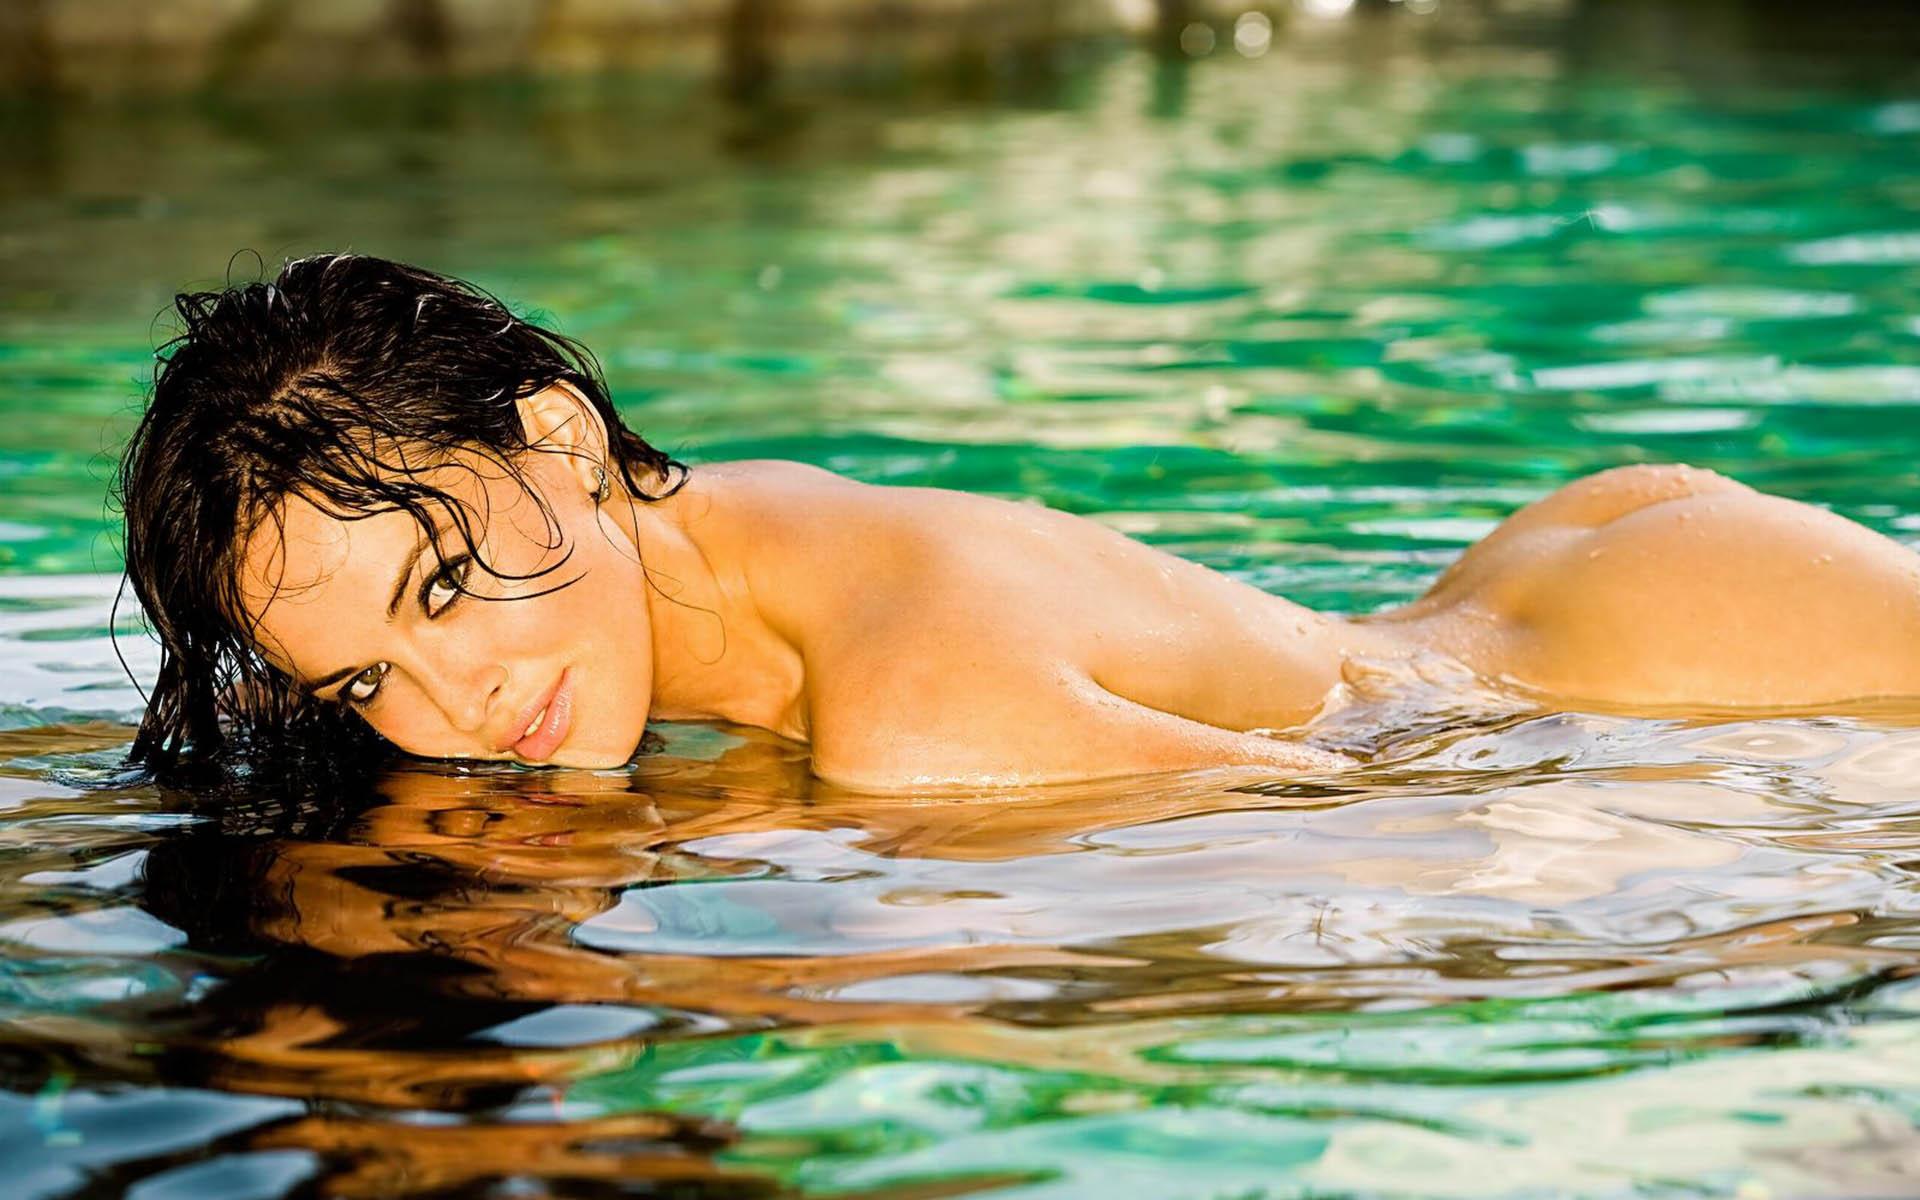 Сексуальные девушки вода 4 фотография